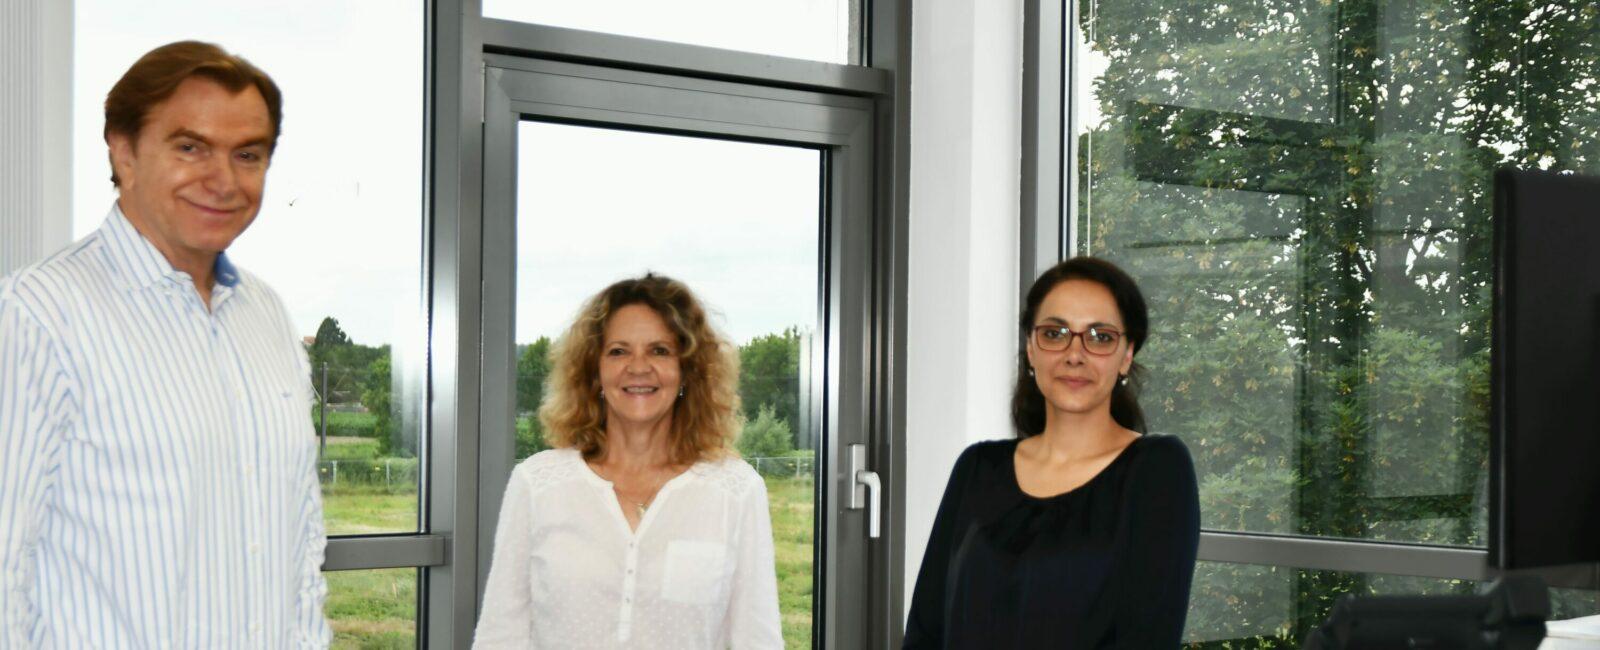 Neue Büros für Team der Heinrich-Pesch-Siedlung